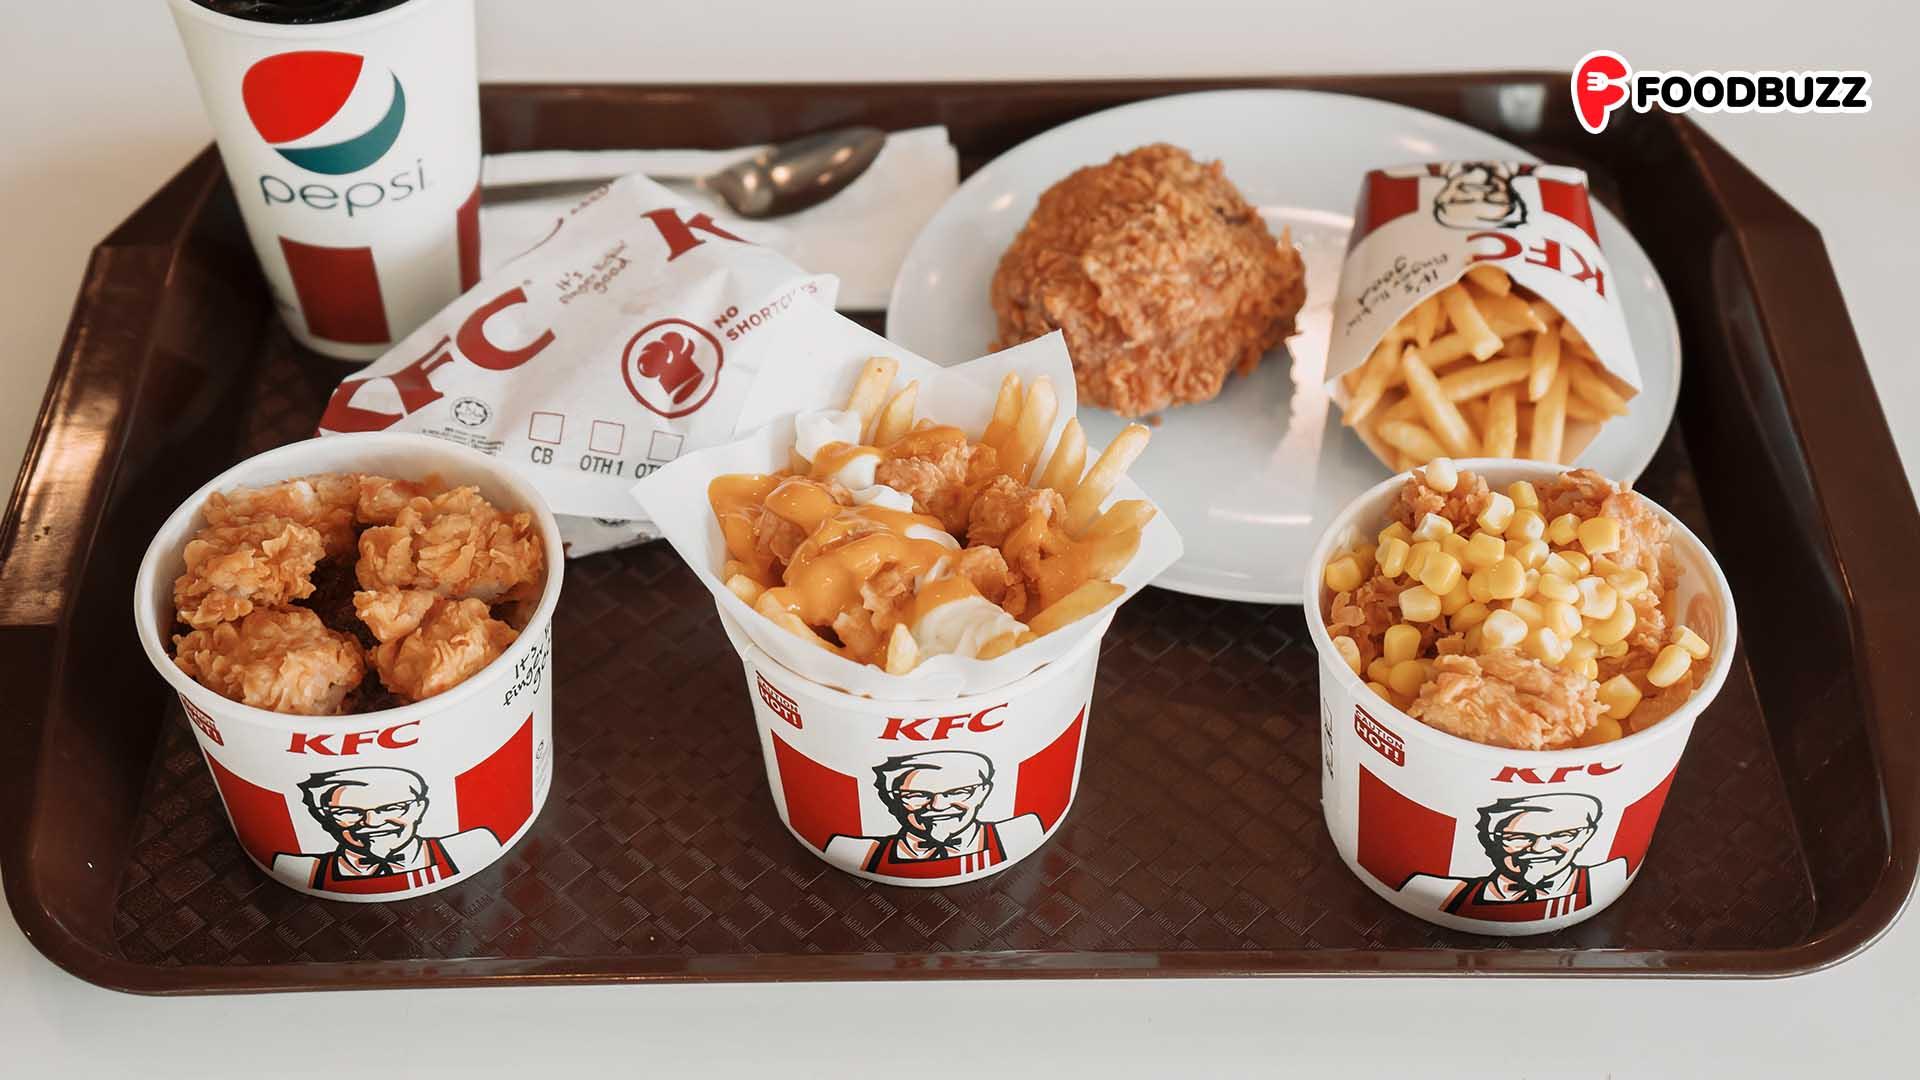 KFC BOWLs ត្រឡប់មកវិញហើយ! មានទាំងរសជាតិថ្មី GO BOWL មកជាមួយទៀត!